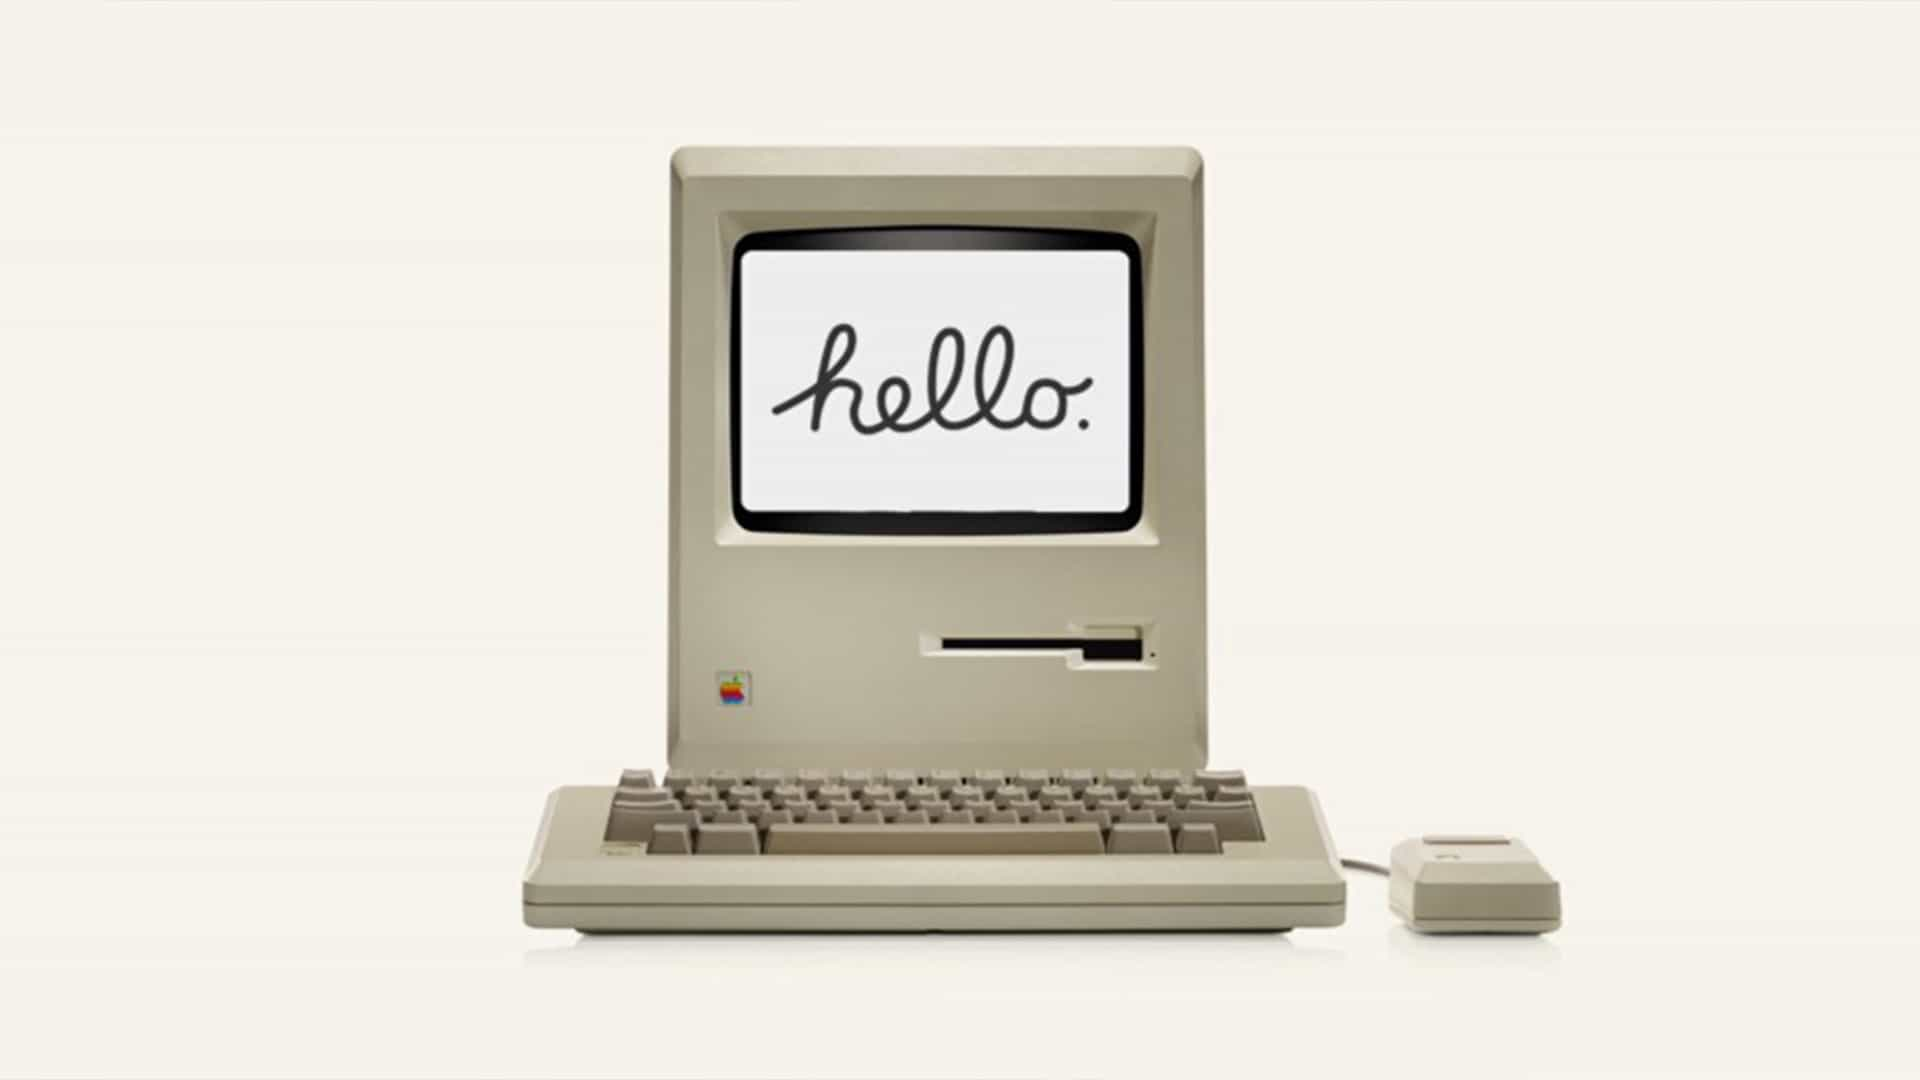 Apple esconde una sorpresa increíble en tu Mac: así es como encontrarla